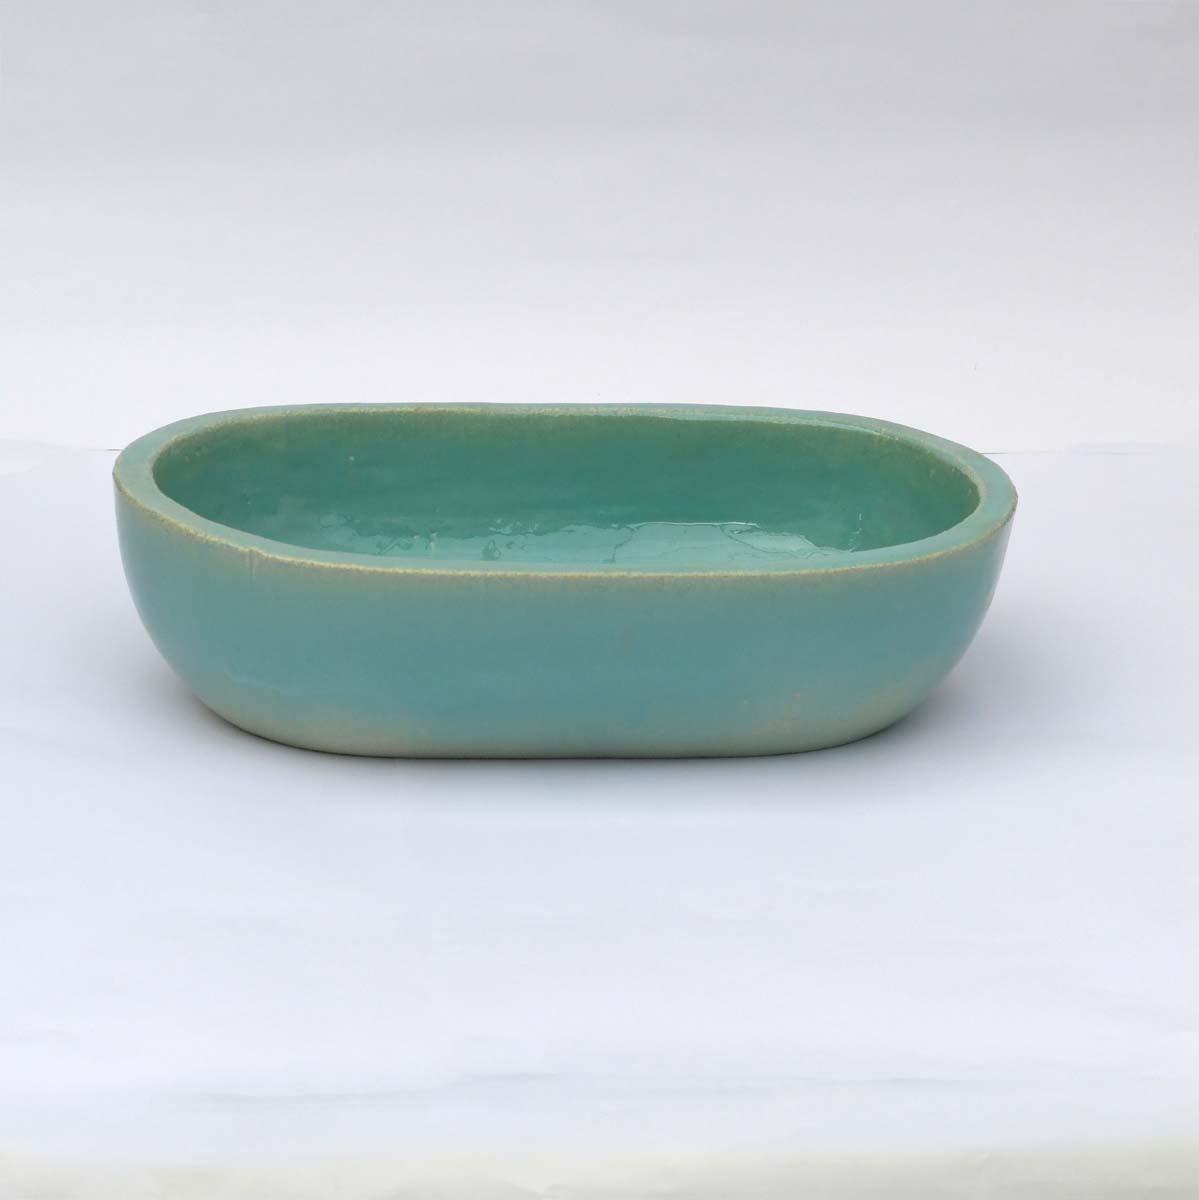 כיור אמבטיה קטן אובאל בצבע אקווה